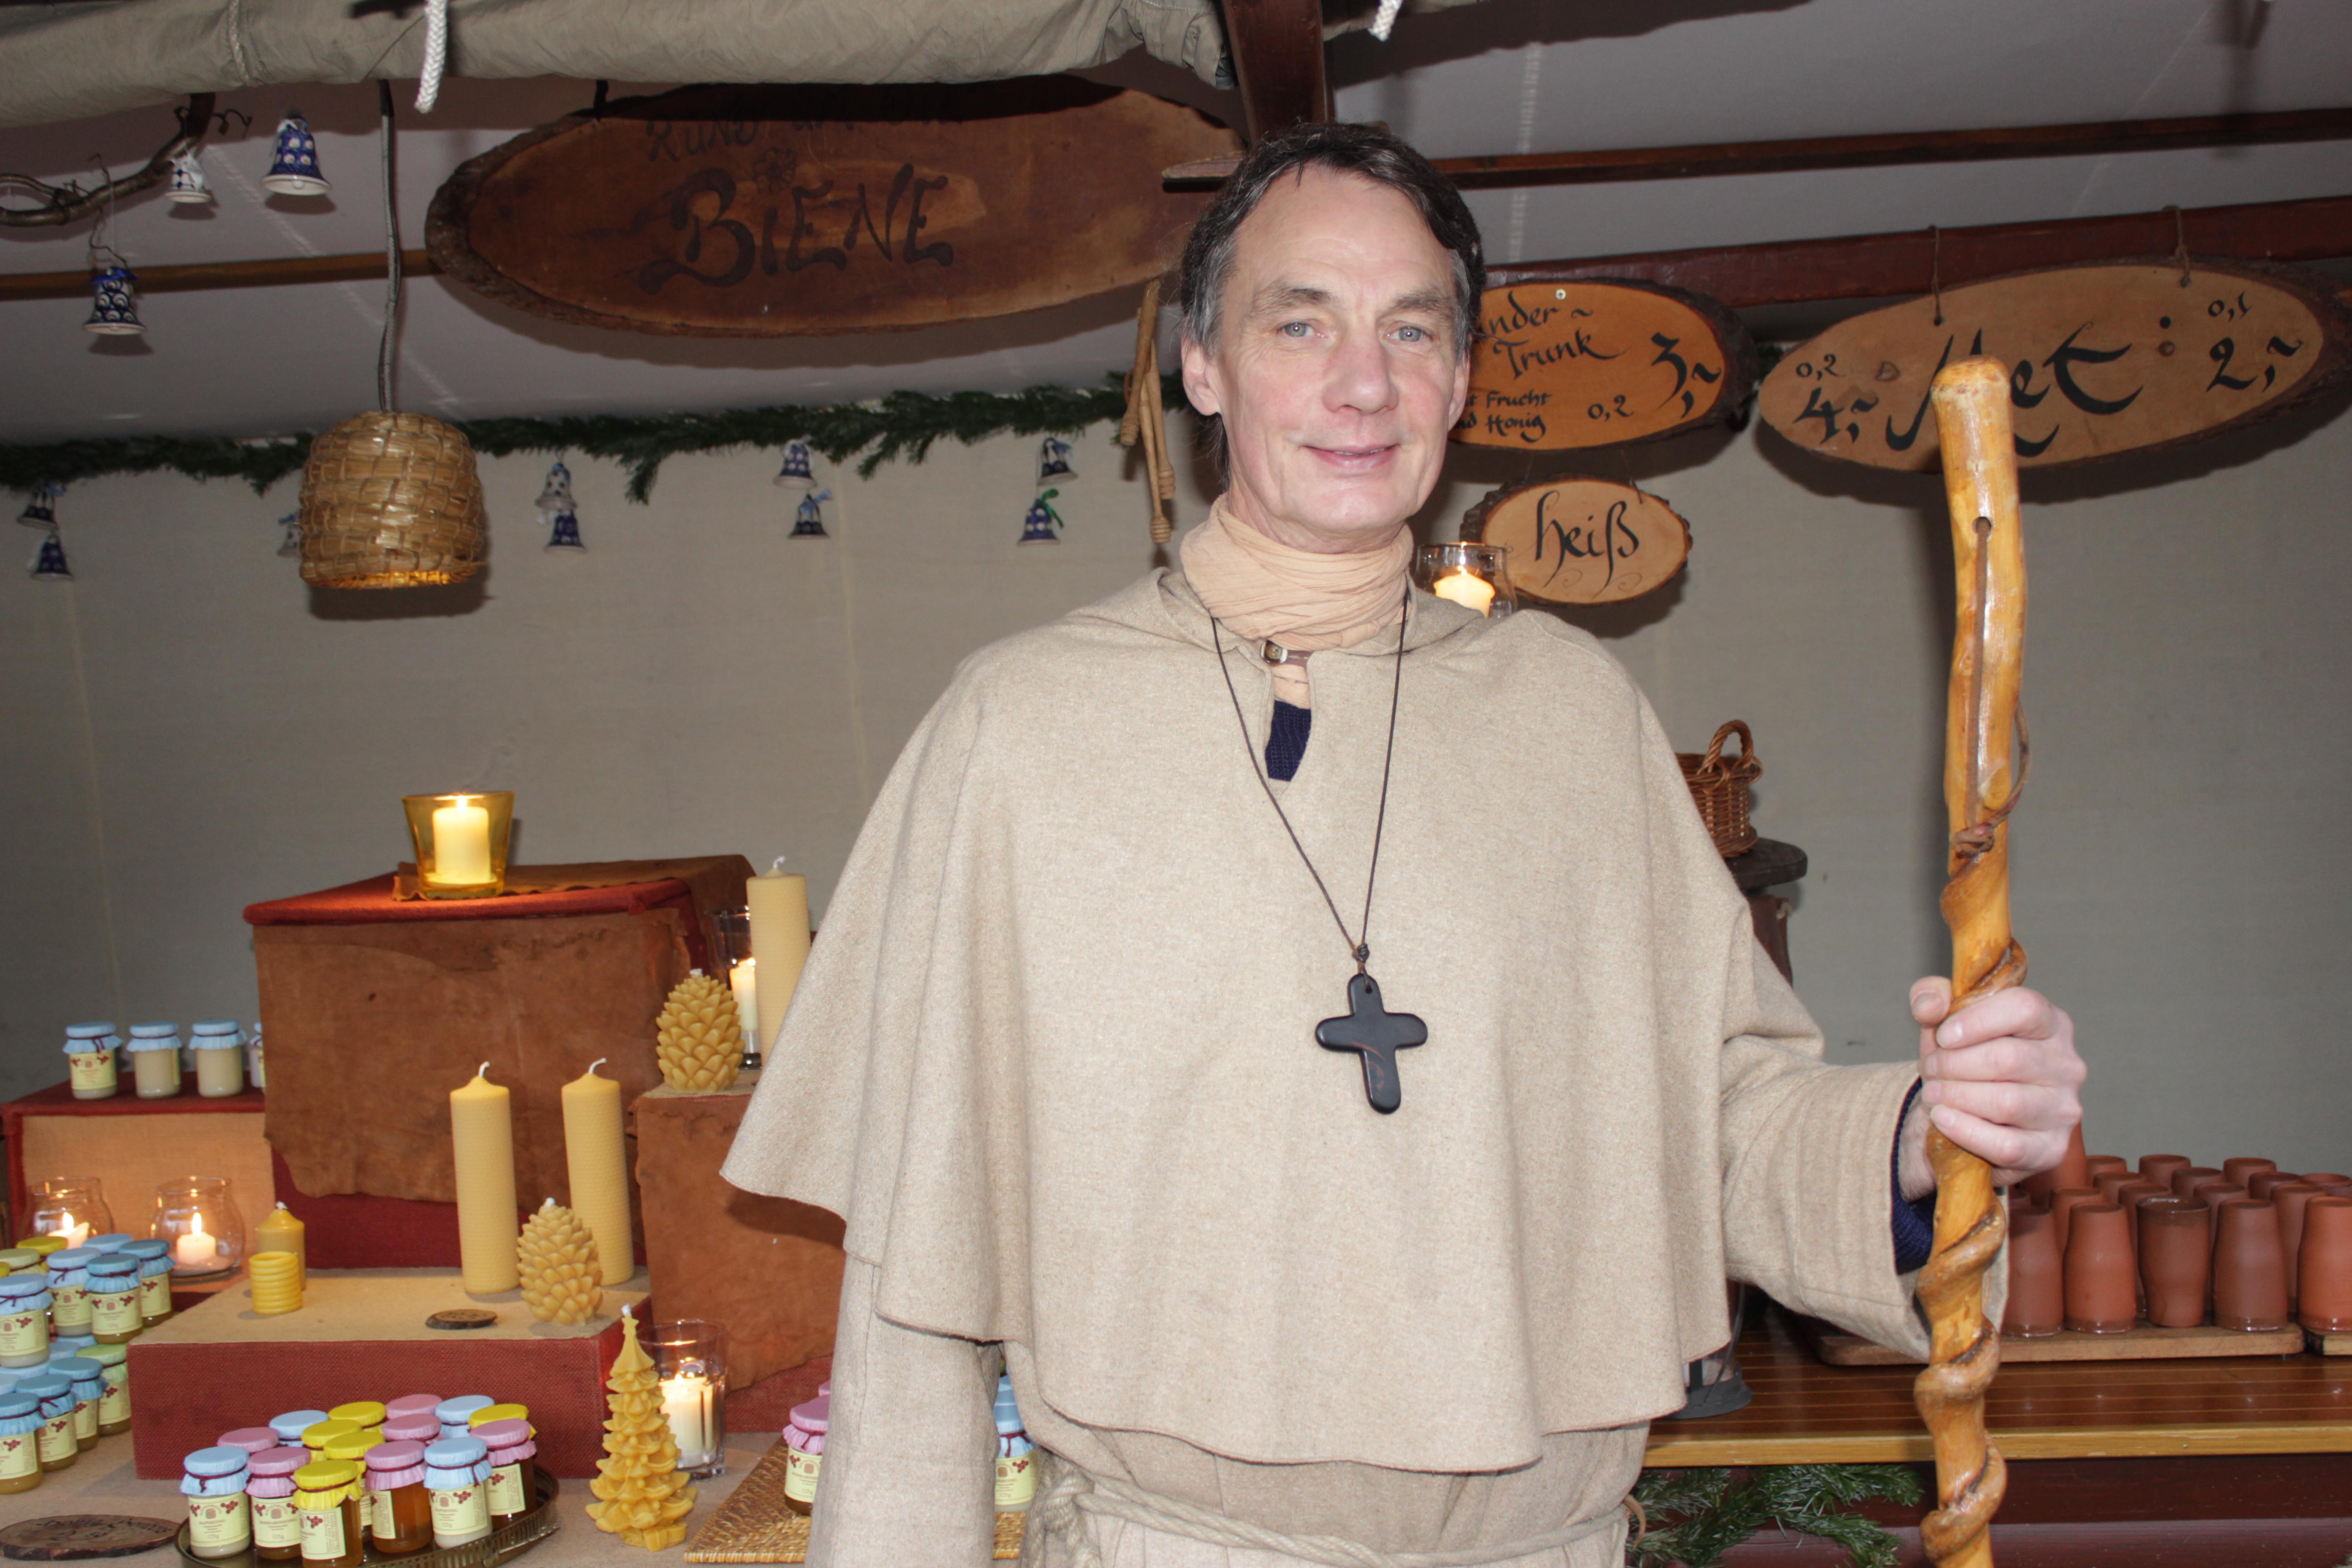 Standbetreiber Dieter Zumfelde vor seinem Stand auf dem Mittelaltermarkt